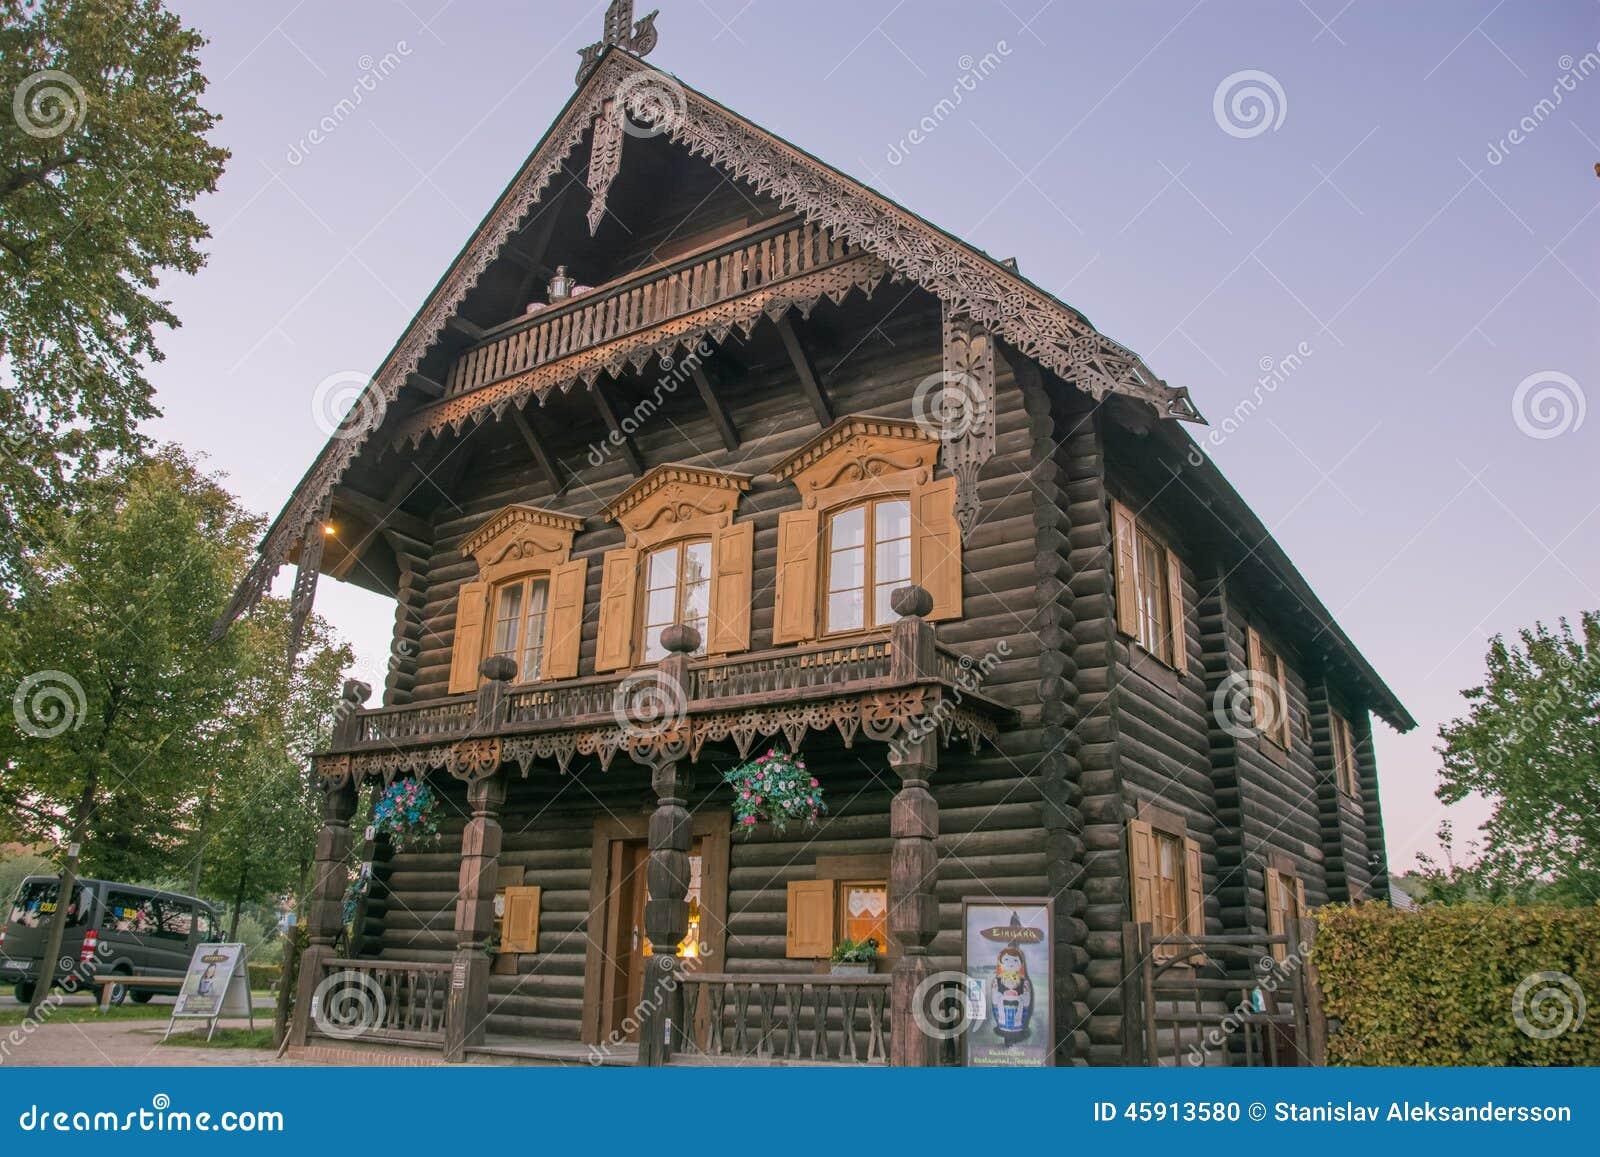 Maison en bois traditionnelle russe image ditorial for Maison bois traditionnelle